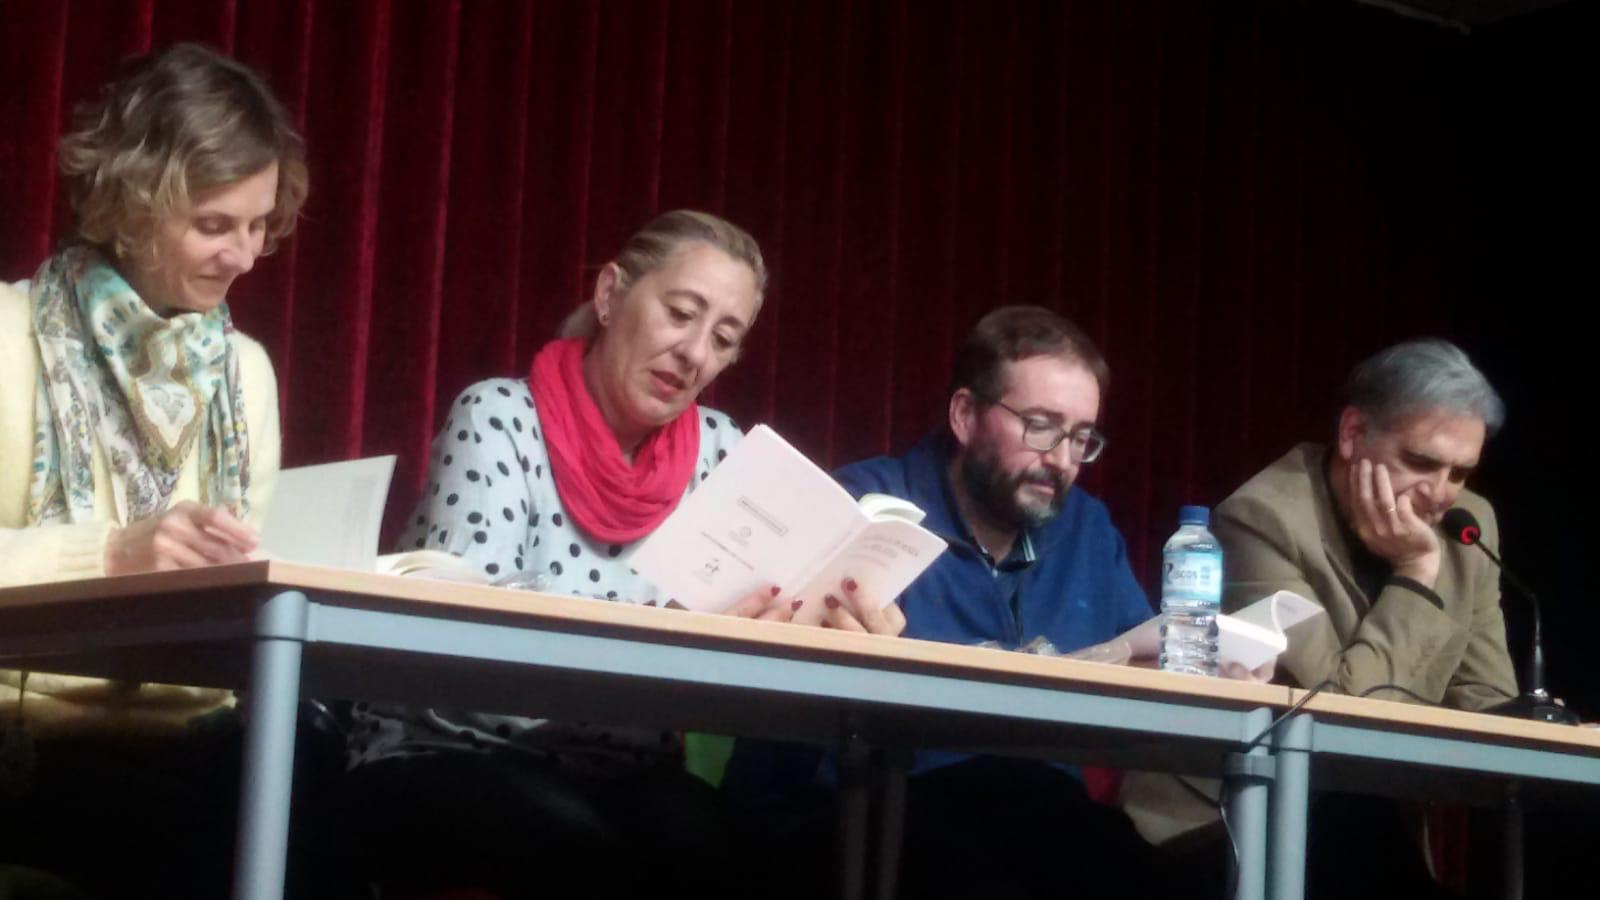 Presentación Antología 2015-2016 en Cabezuela del Valle